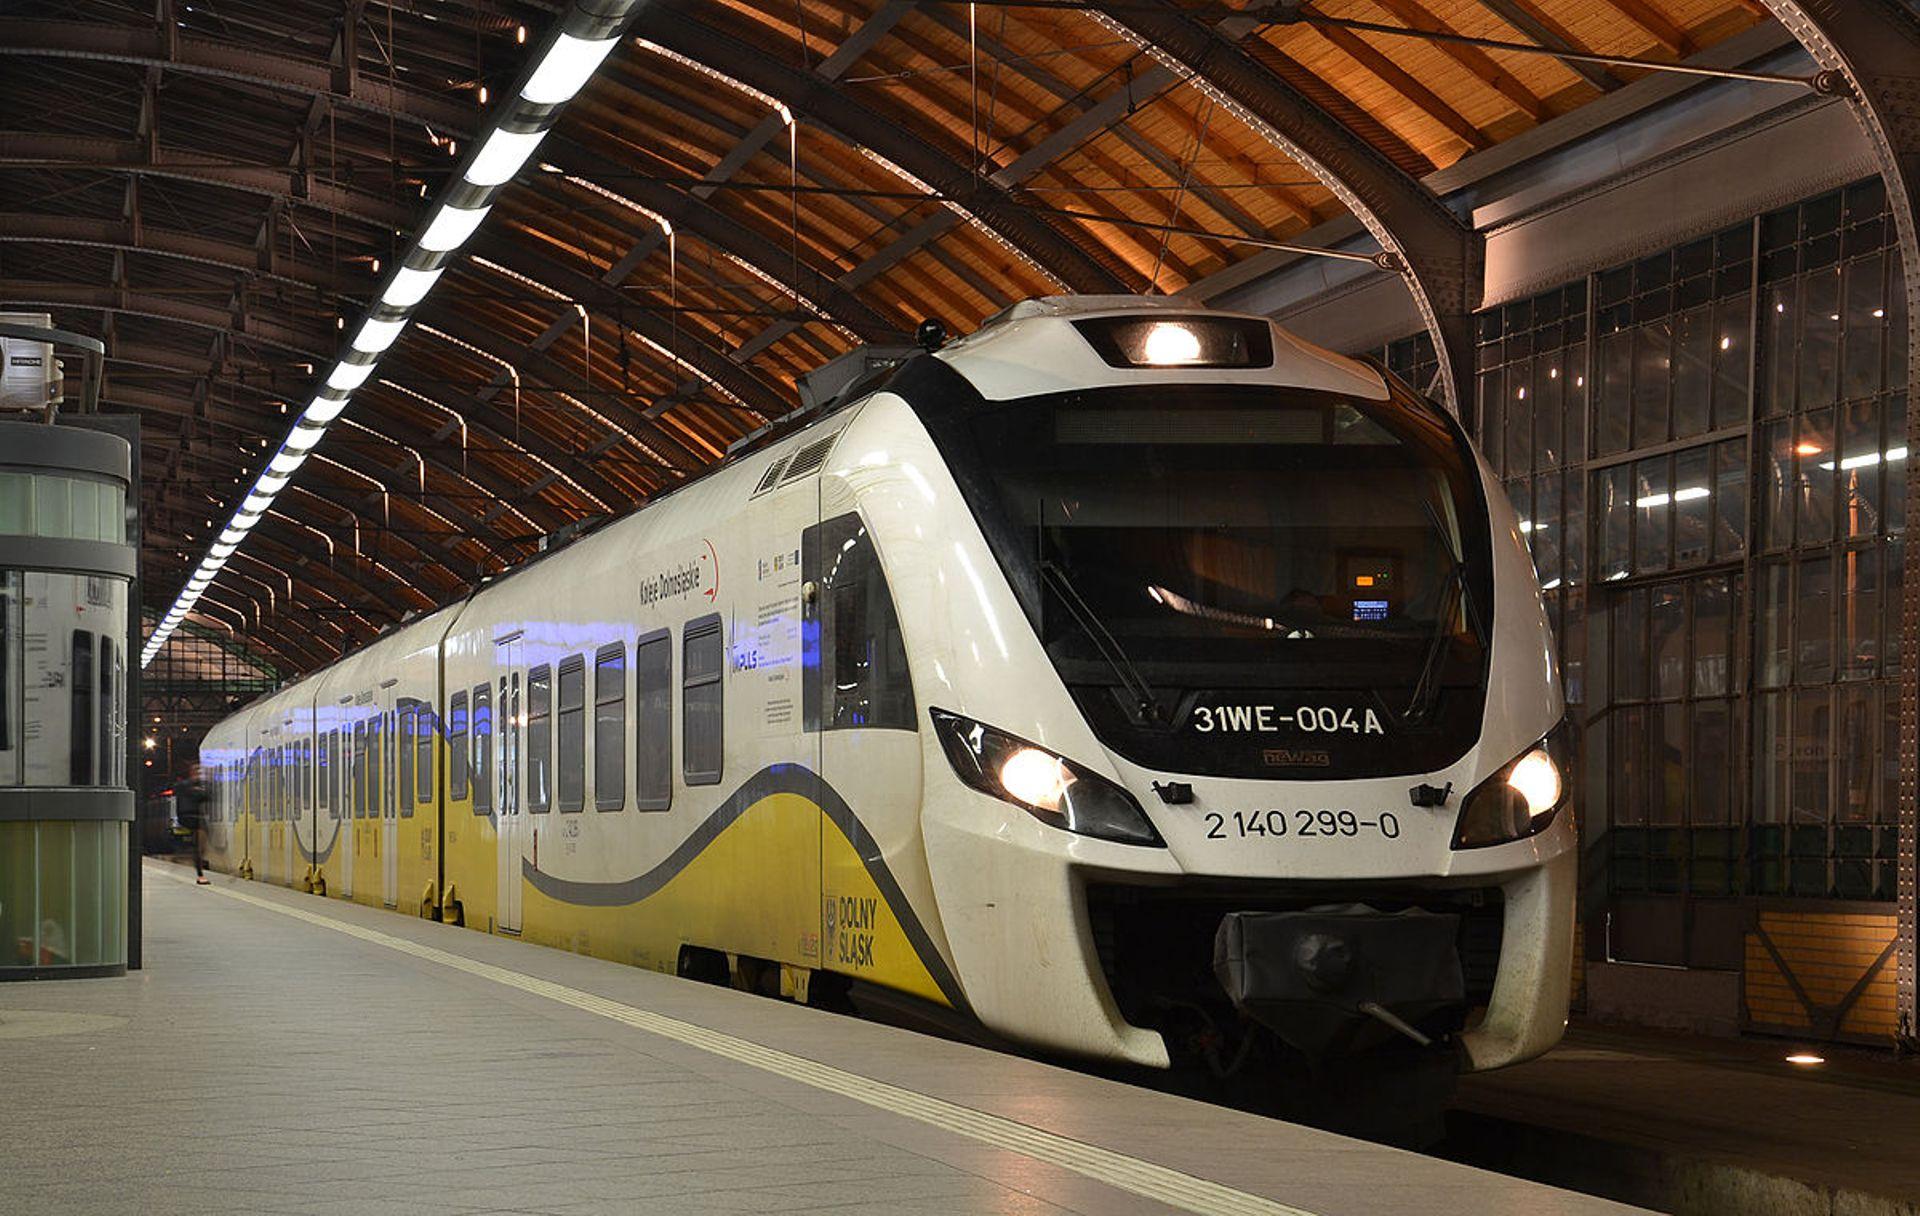 Dolny Śląsk: Koleje Dolnośląskie S.A. zbudują myjnię pociągów i nowe centrum logistyczne w Legnicy